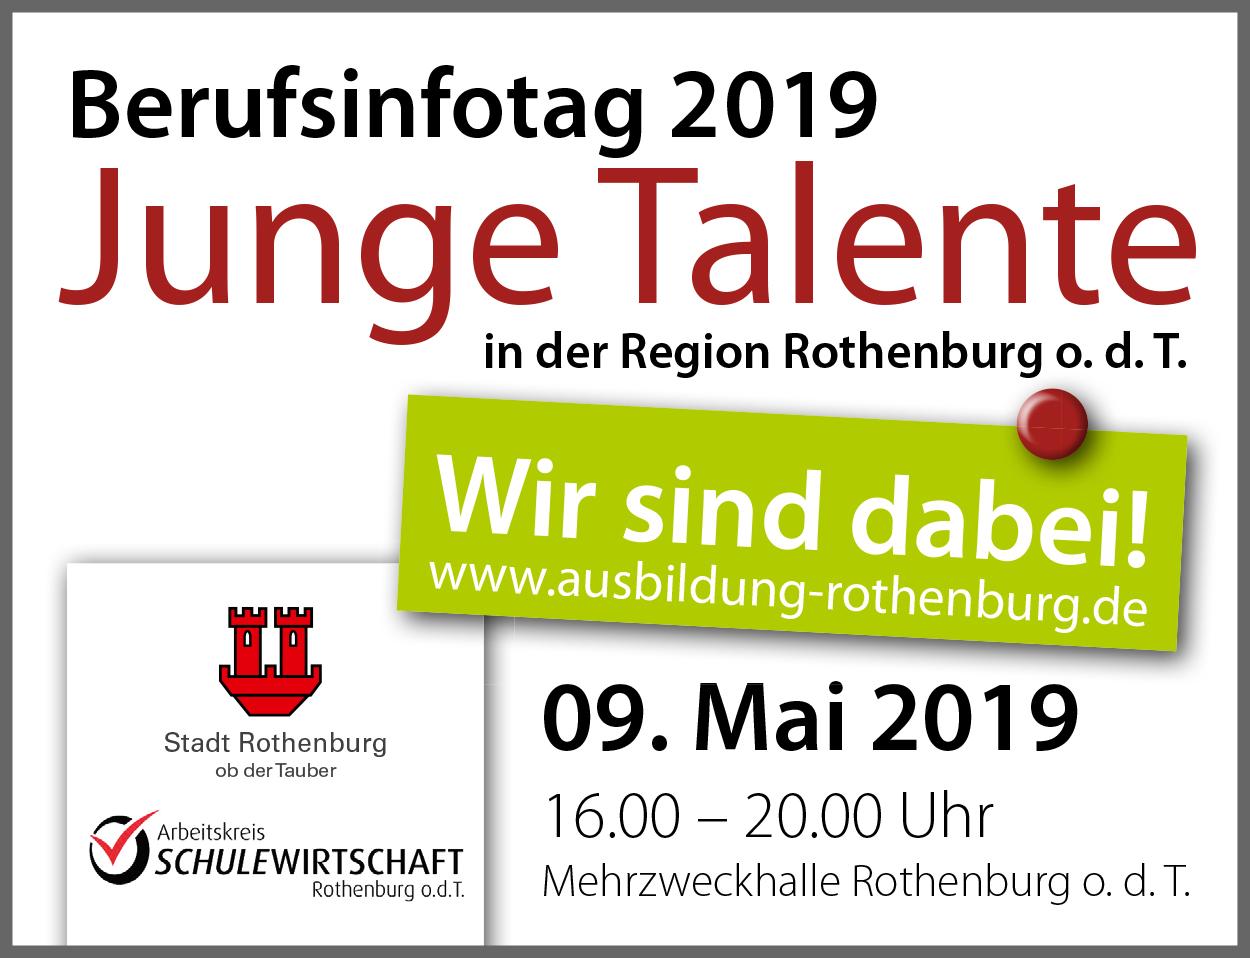 """Berufsinfotag 2019 """"Junge Talente"""" In Rothenburg – Wir Sind Dabei!"""